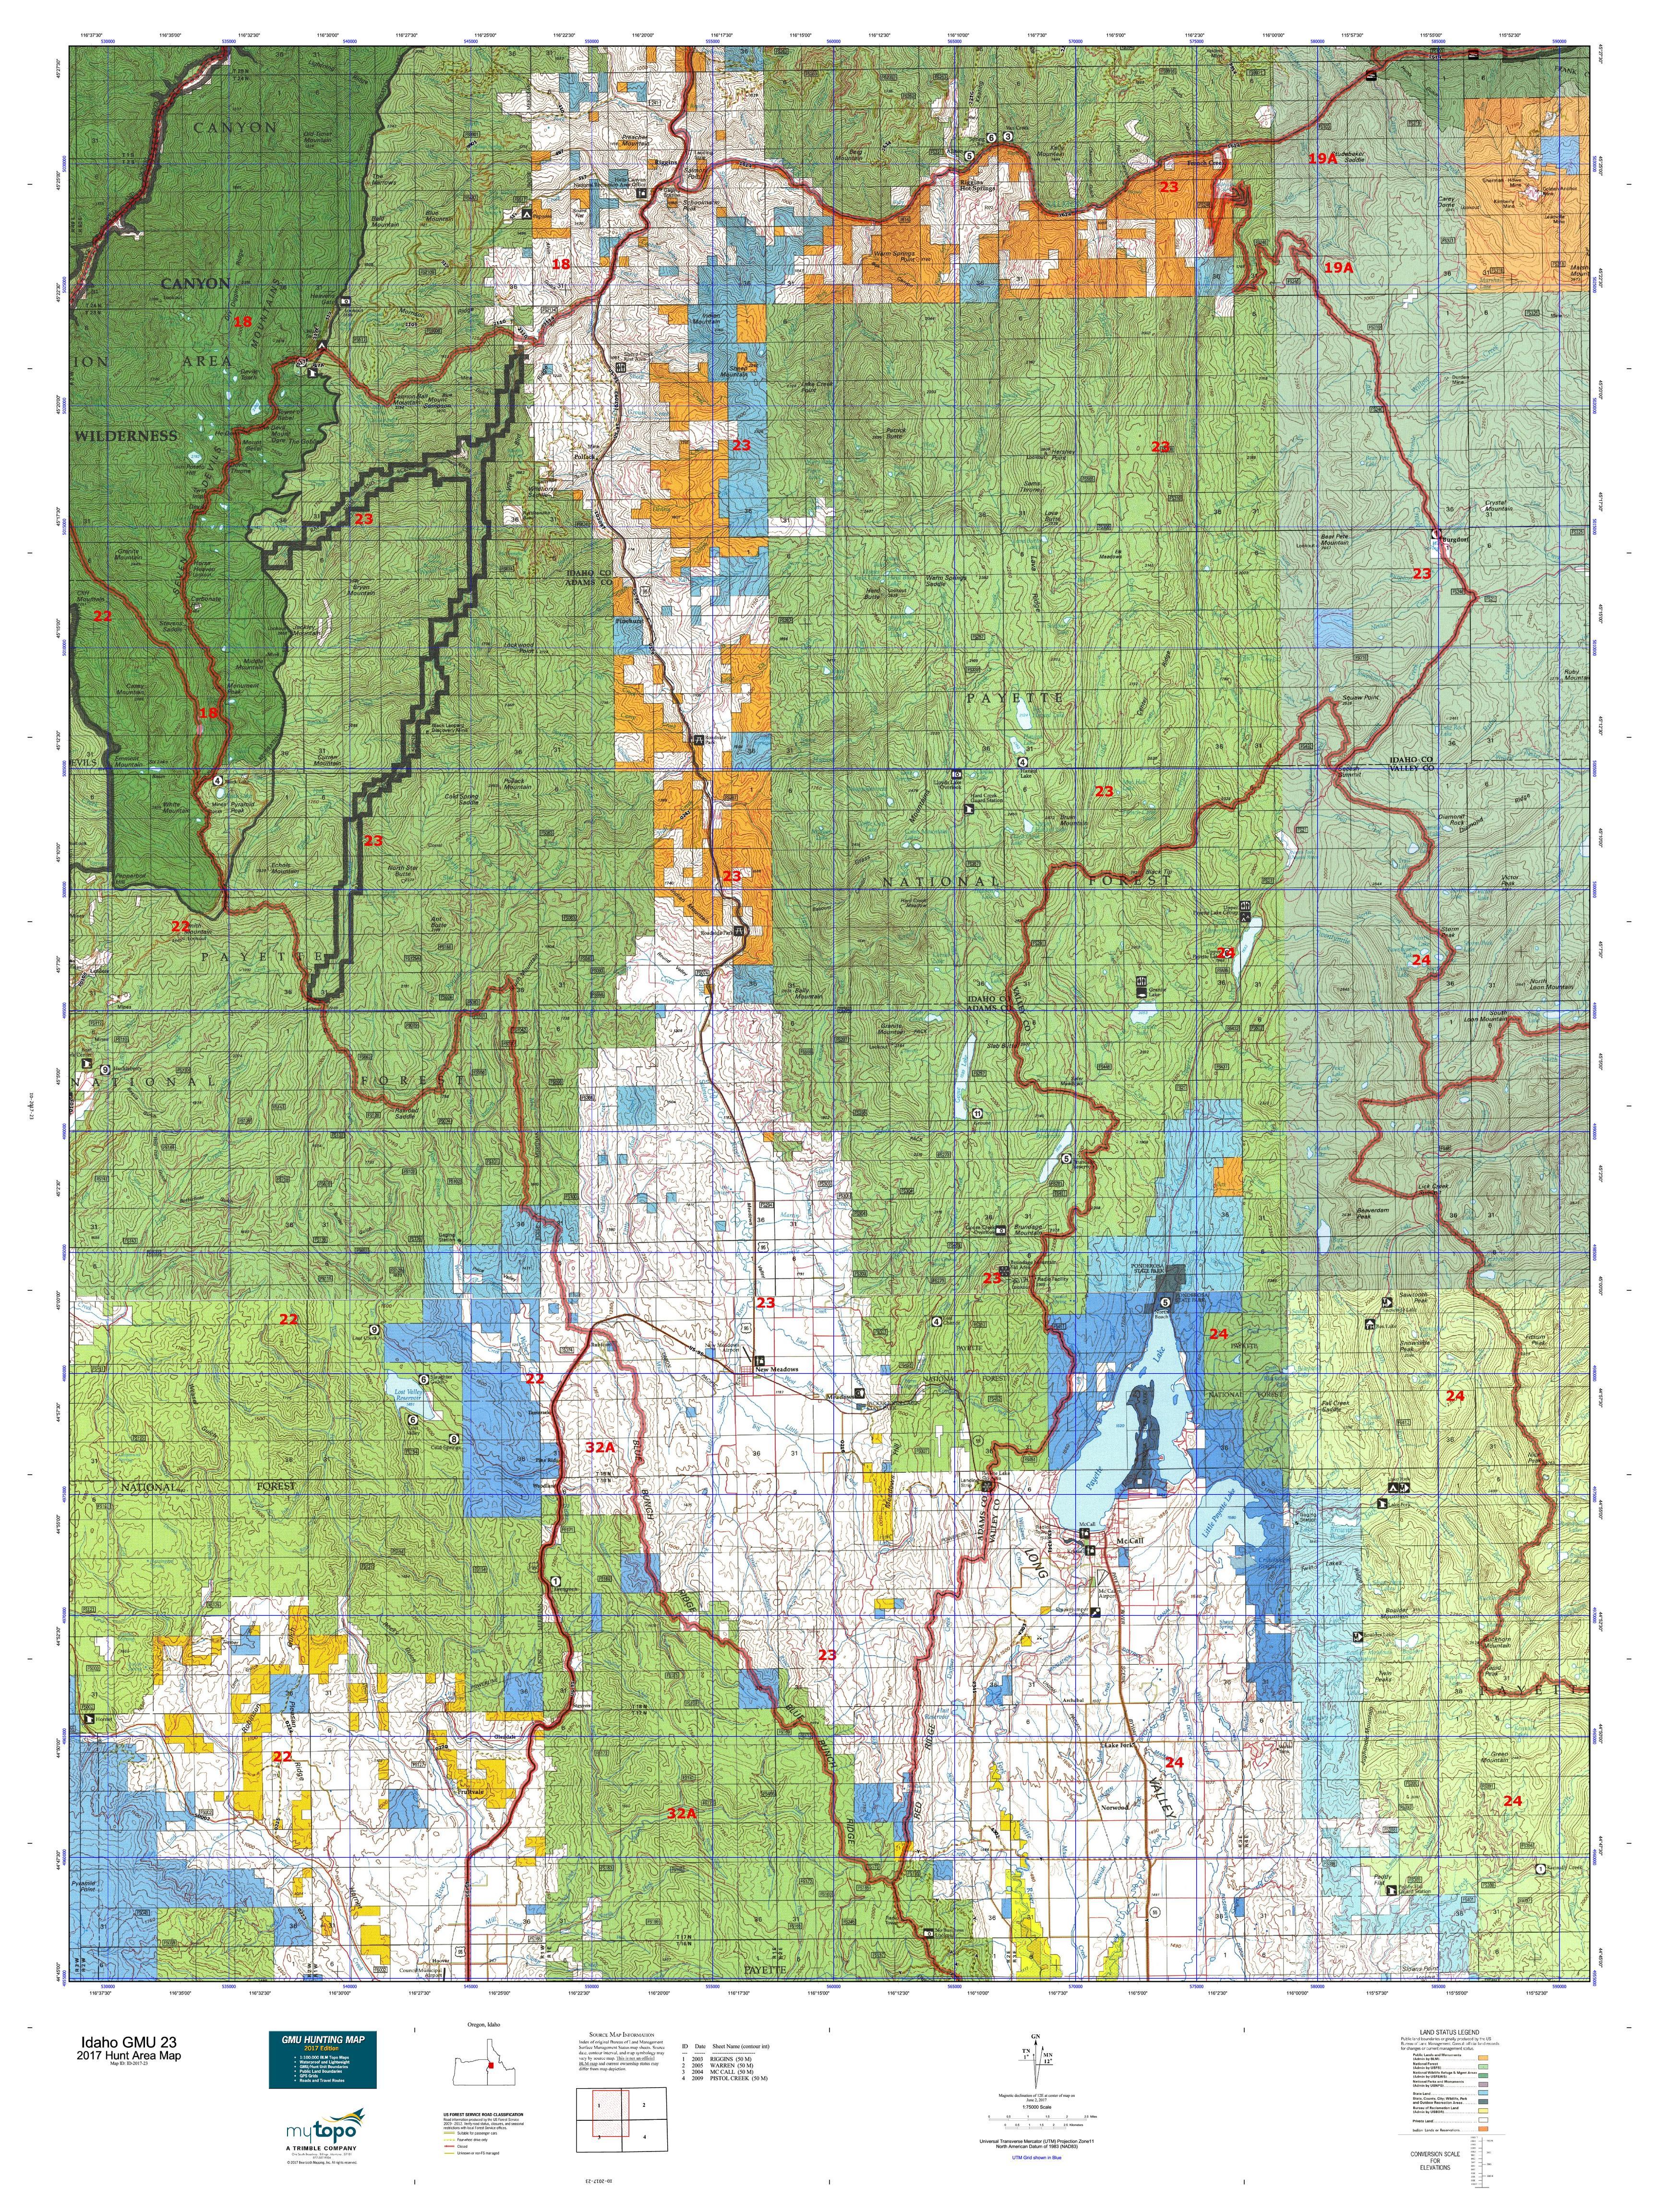 Idaho GMU 23 Map | MyTopo on idaho blm land status maps, idaho highway map oregon, azgfd unit map, washington state hunting unit map, idaho mule deer density map, idaho gmu map, co hunting unit map, nv hunt unit map, idaho cities by population, star idaho map, oregon wildlife management unit map, north fork salmon river idaho map, idaho public land map, farragut idaho map, idaho fire map, odfw hunting unit map, idaho land ownership maps, emmett idaho street map, idaho rv parks map, idaho forest service road maps,